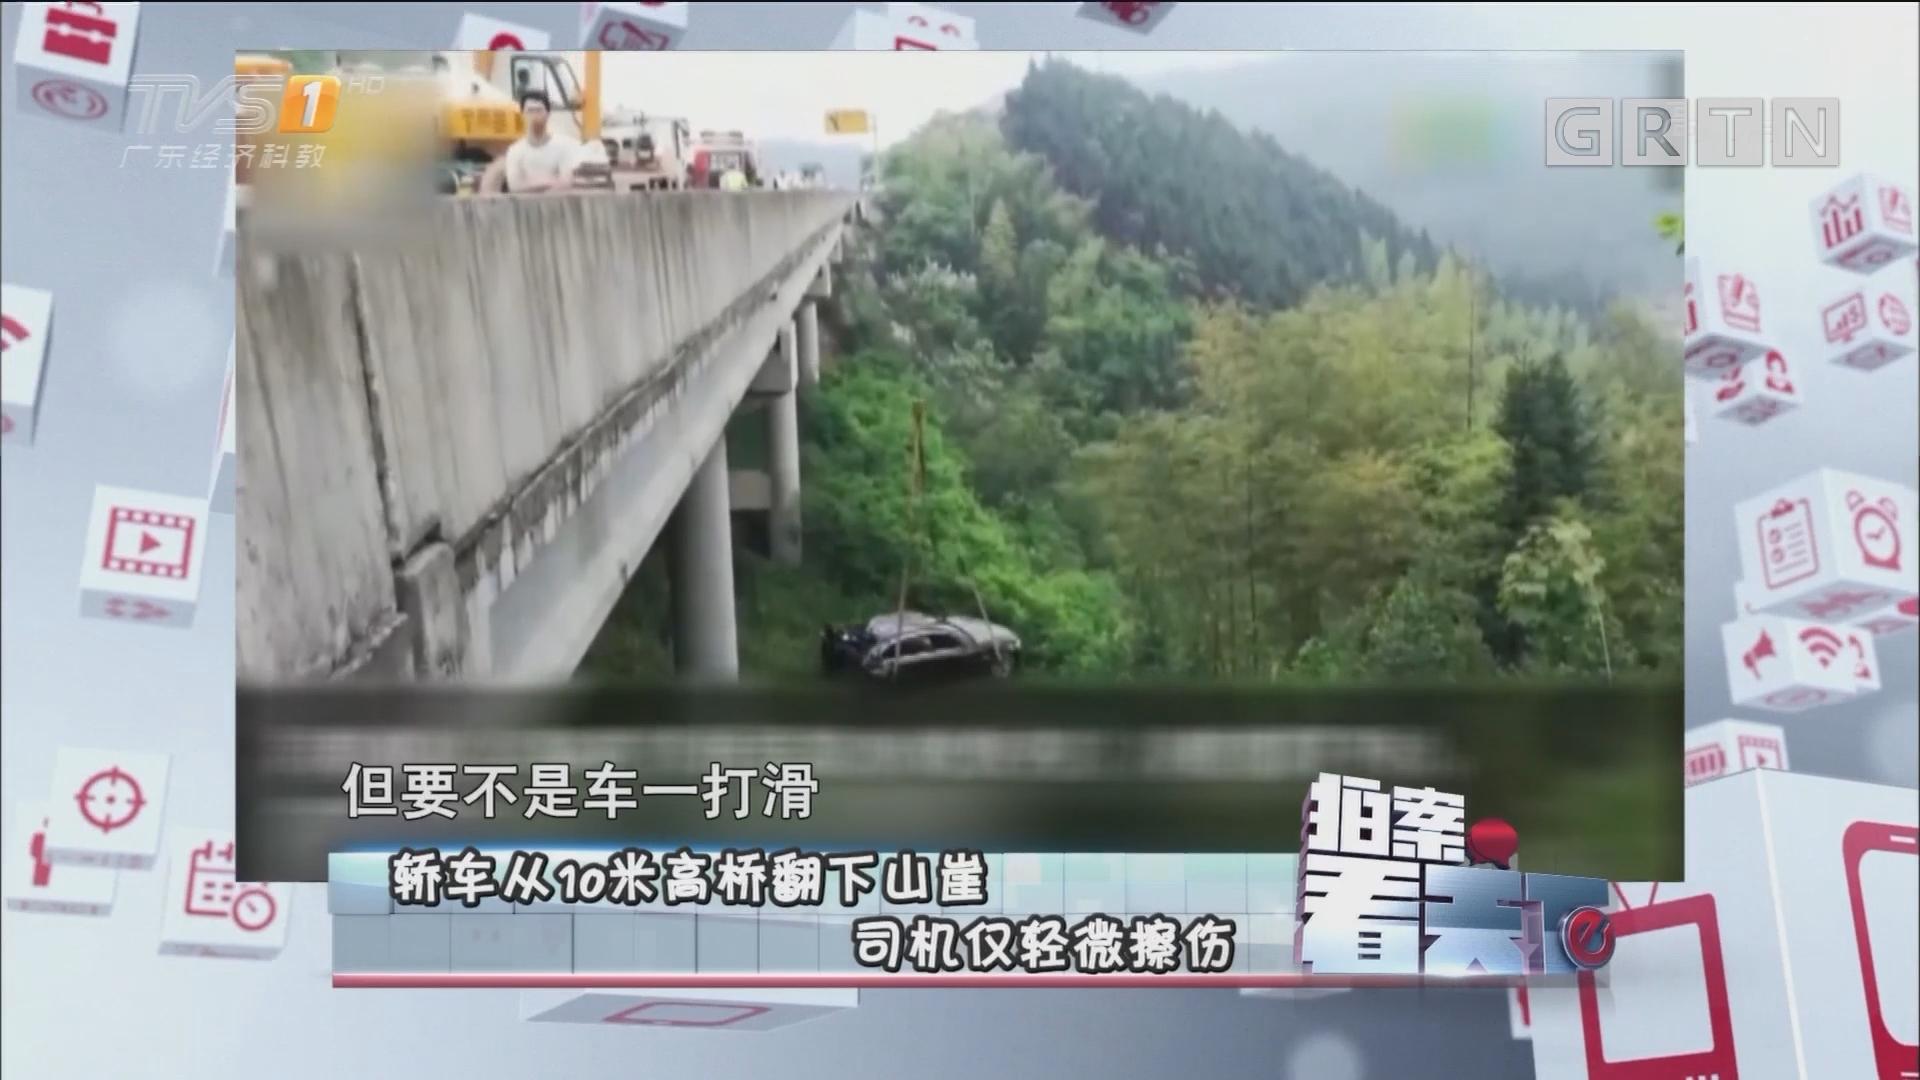 20170516《拍案看天下》轿车从10米高桥翻下山崖 司机仅轻微擦伤